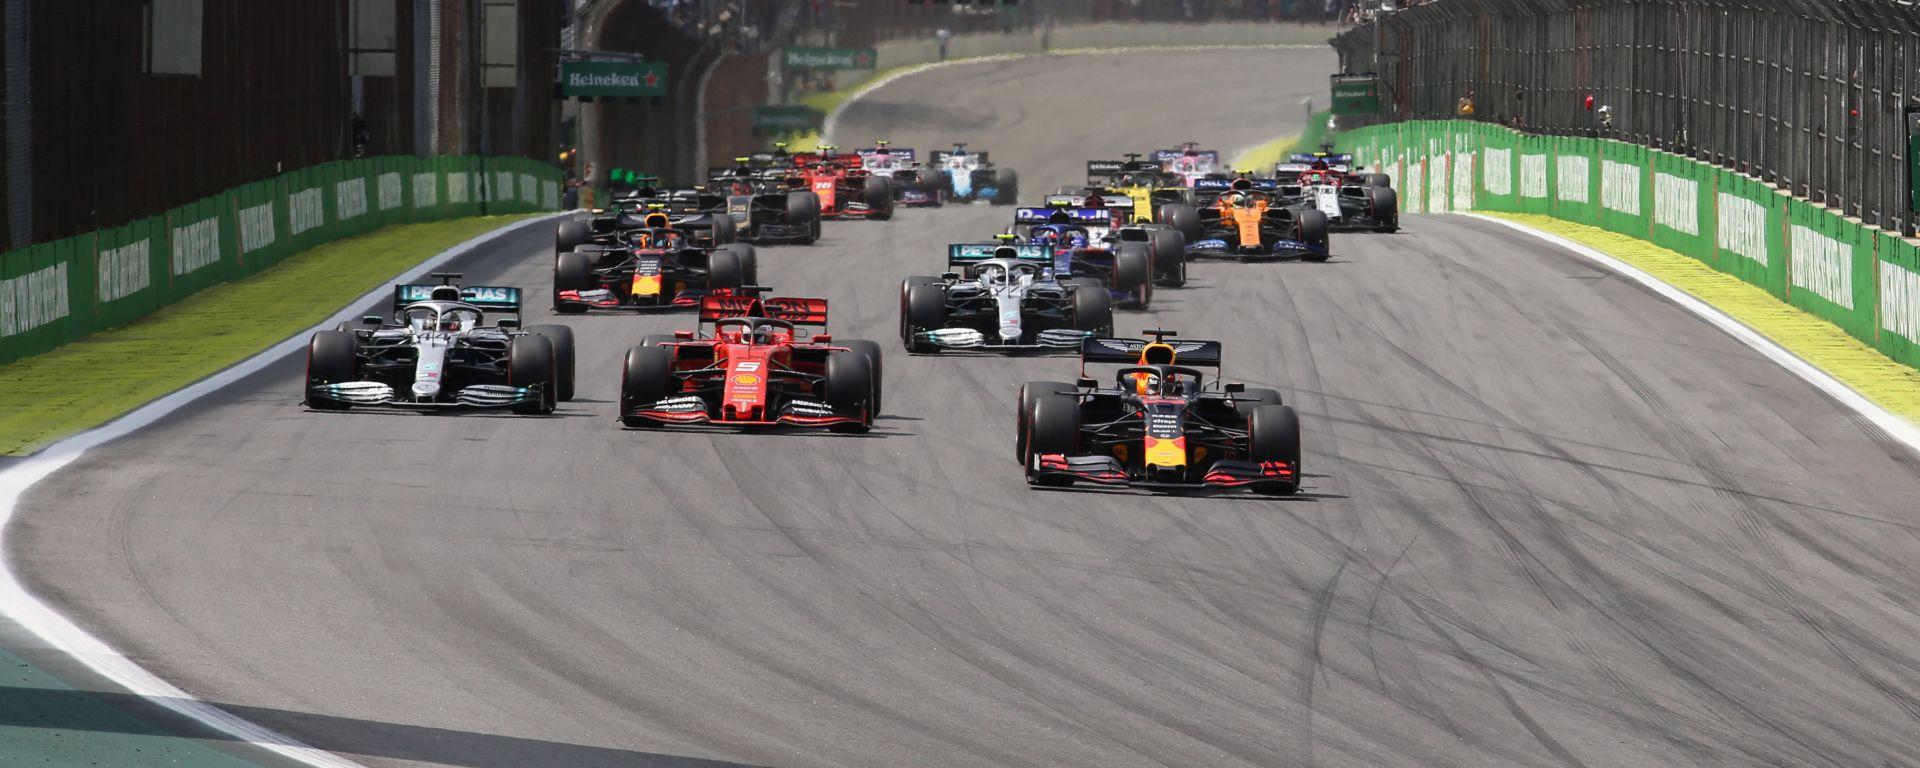 F1 GP Brasile 2019, Interlagos: la partenza della gara